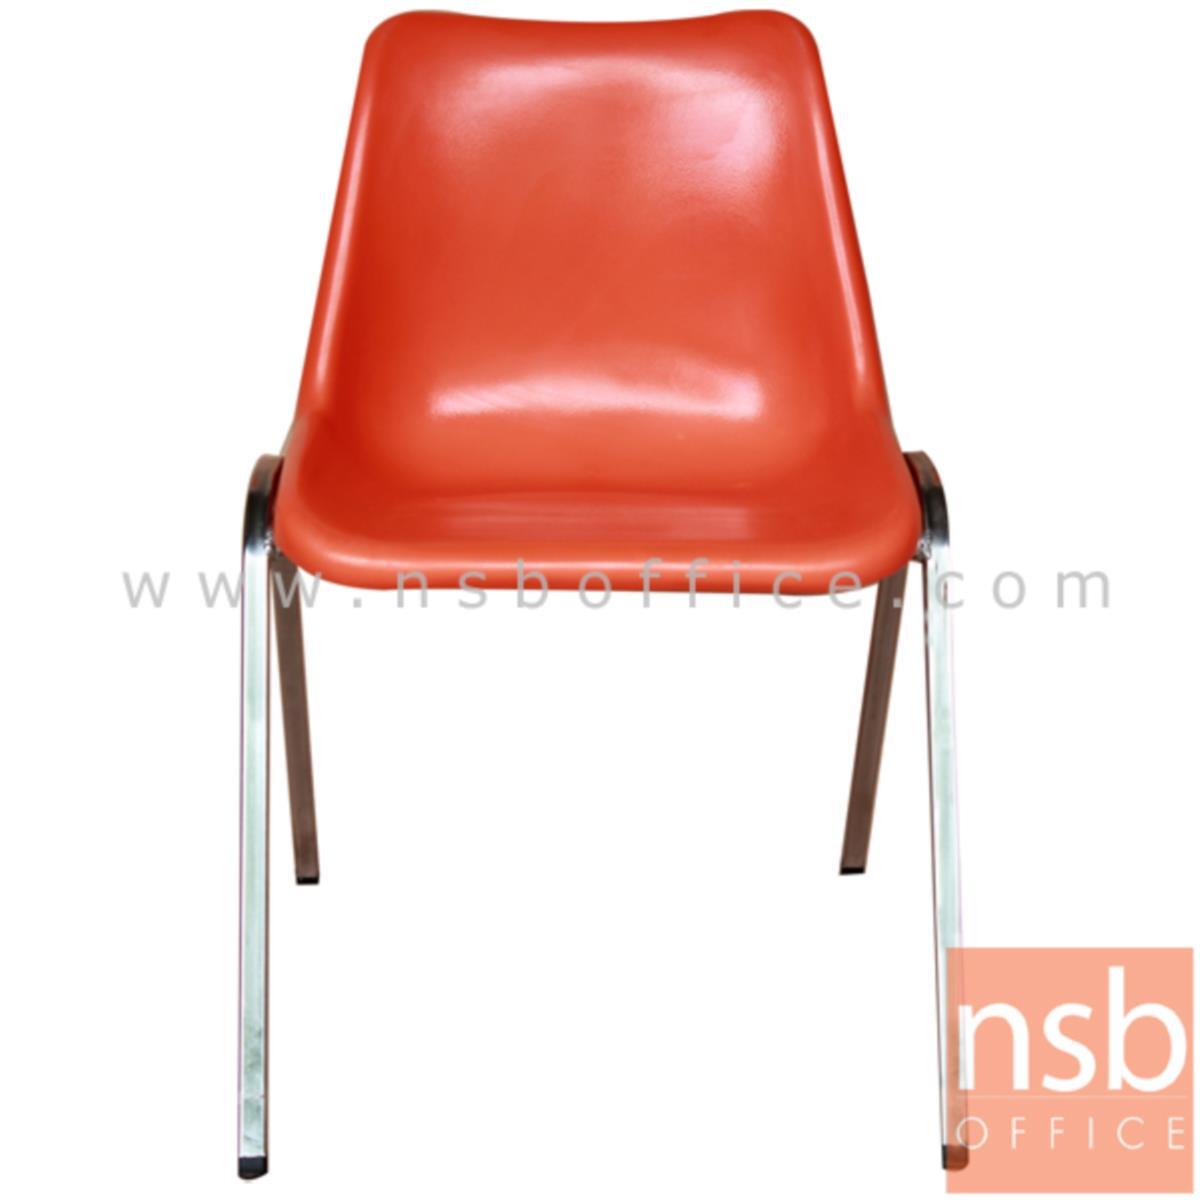 B05A029:เก้าอี้อเนกประสงค์เฟรมโพลี่ รุ่น Portia (พอเทีย)  ขาเหล็กชุบโครเมี่ยม